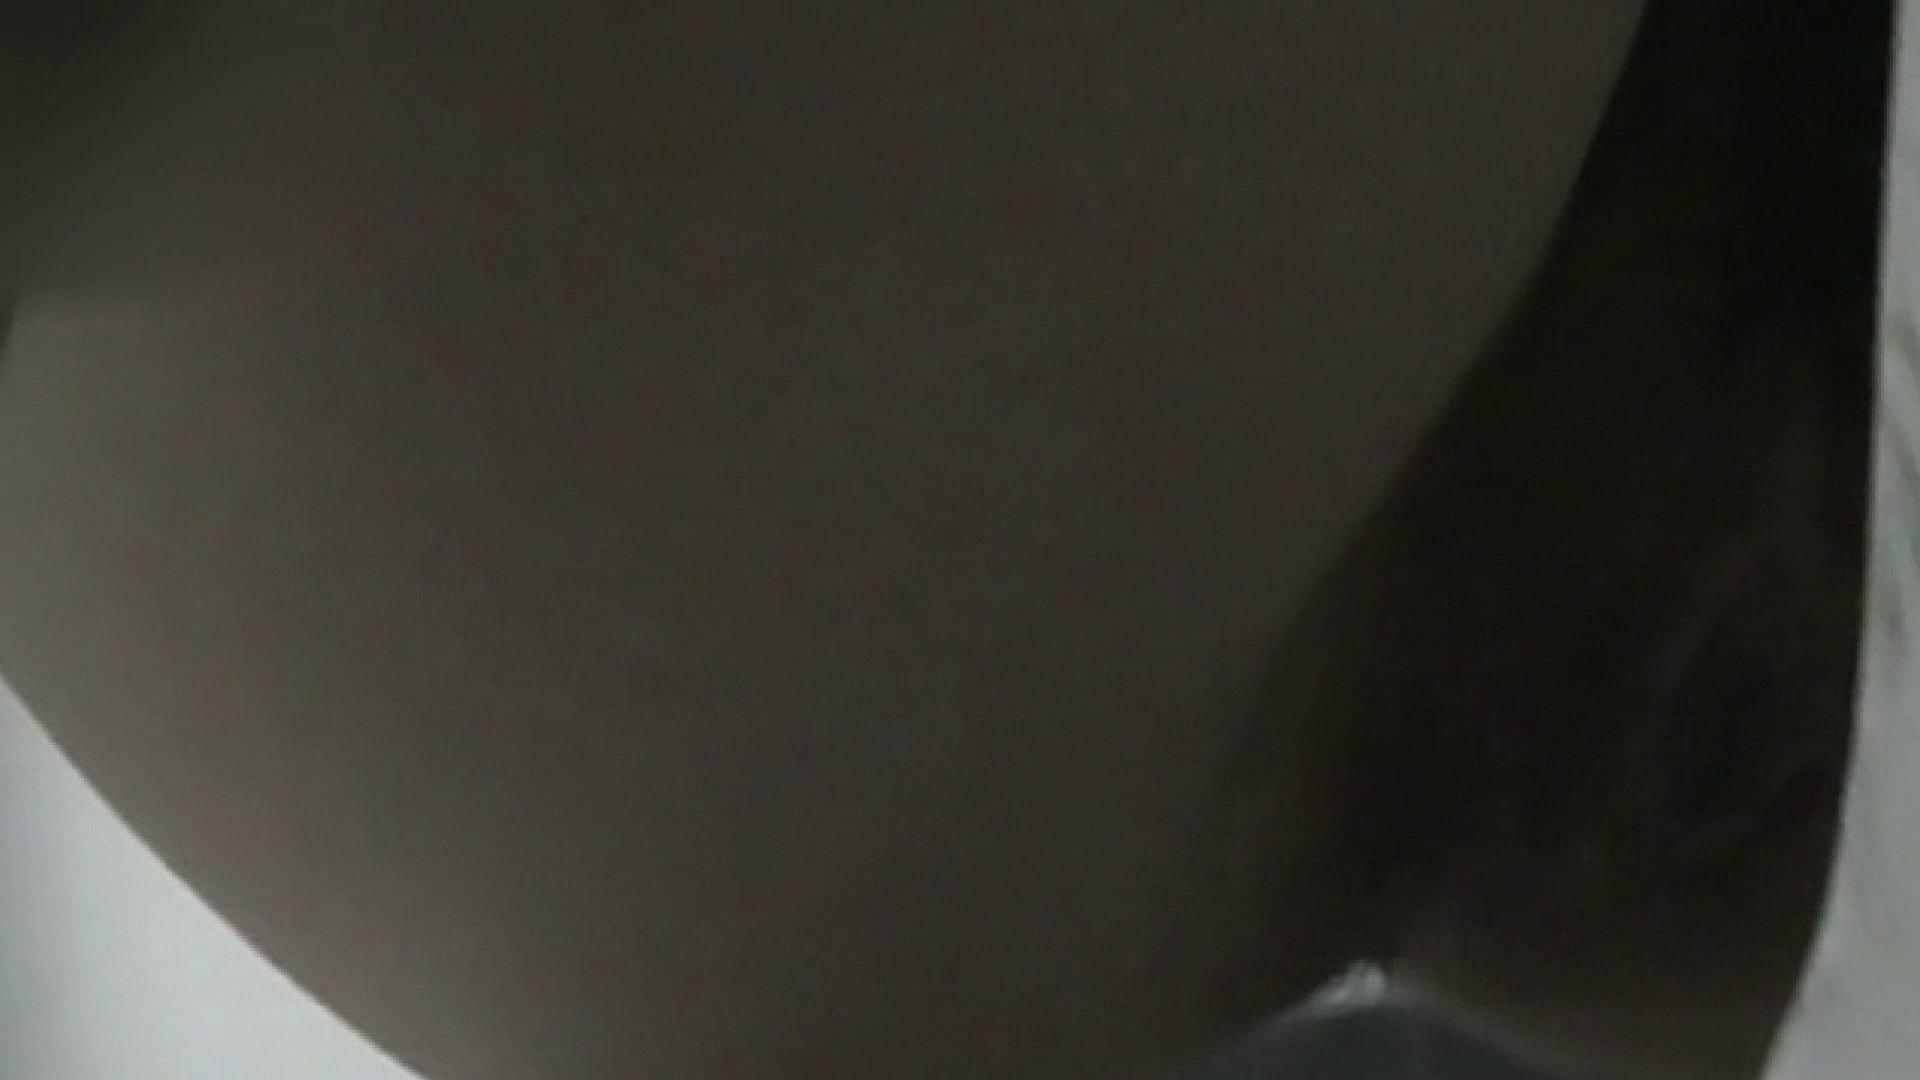 ロックハンドさんの盗撮記録File.77 モロだしオマンコ AV無料 86pic 84